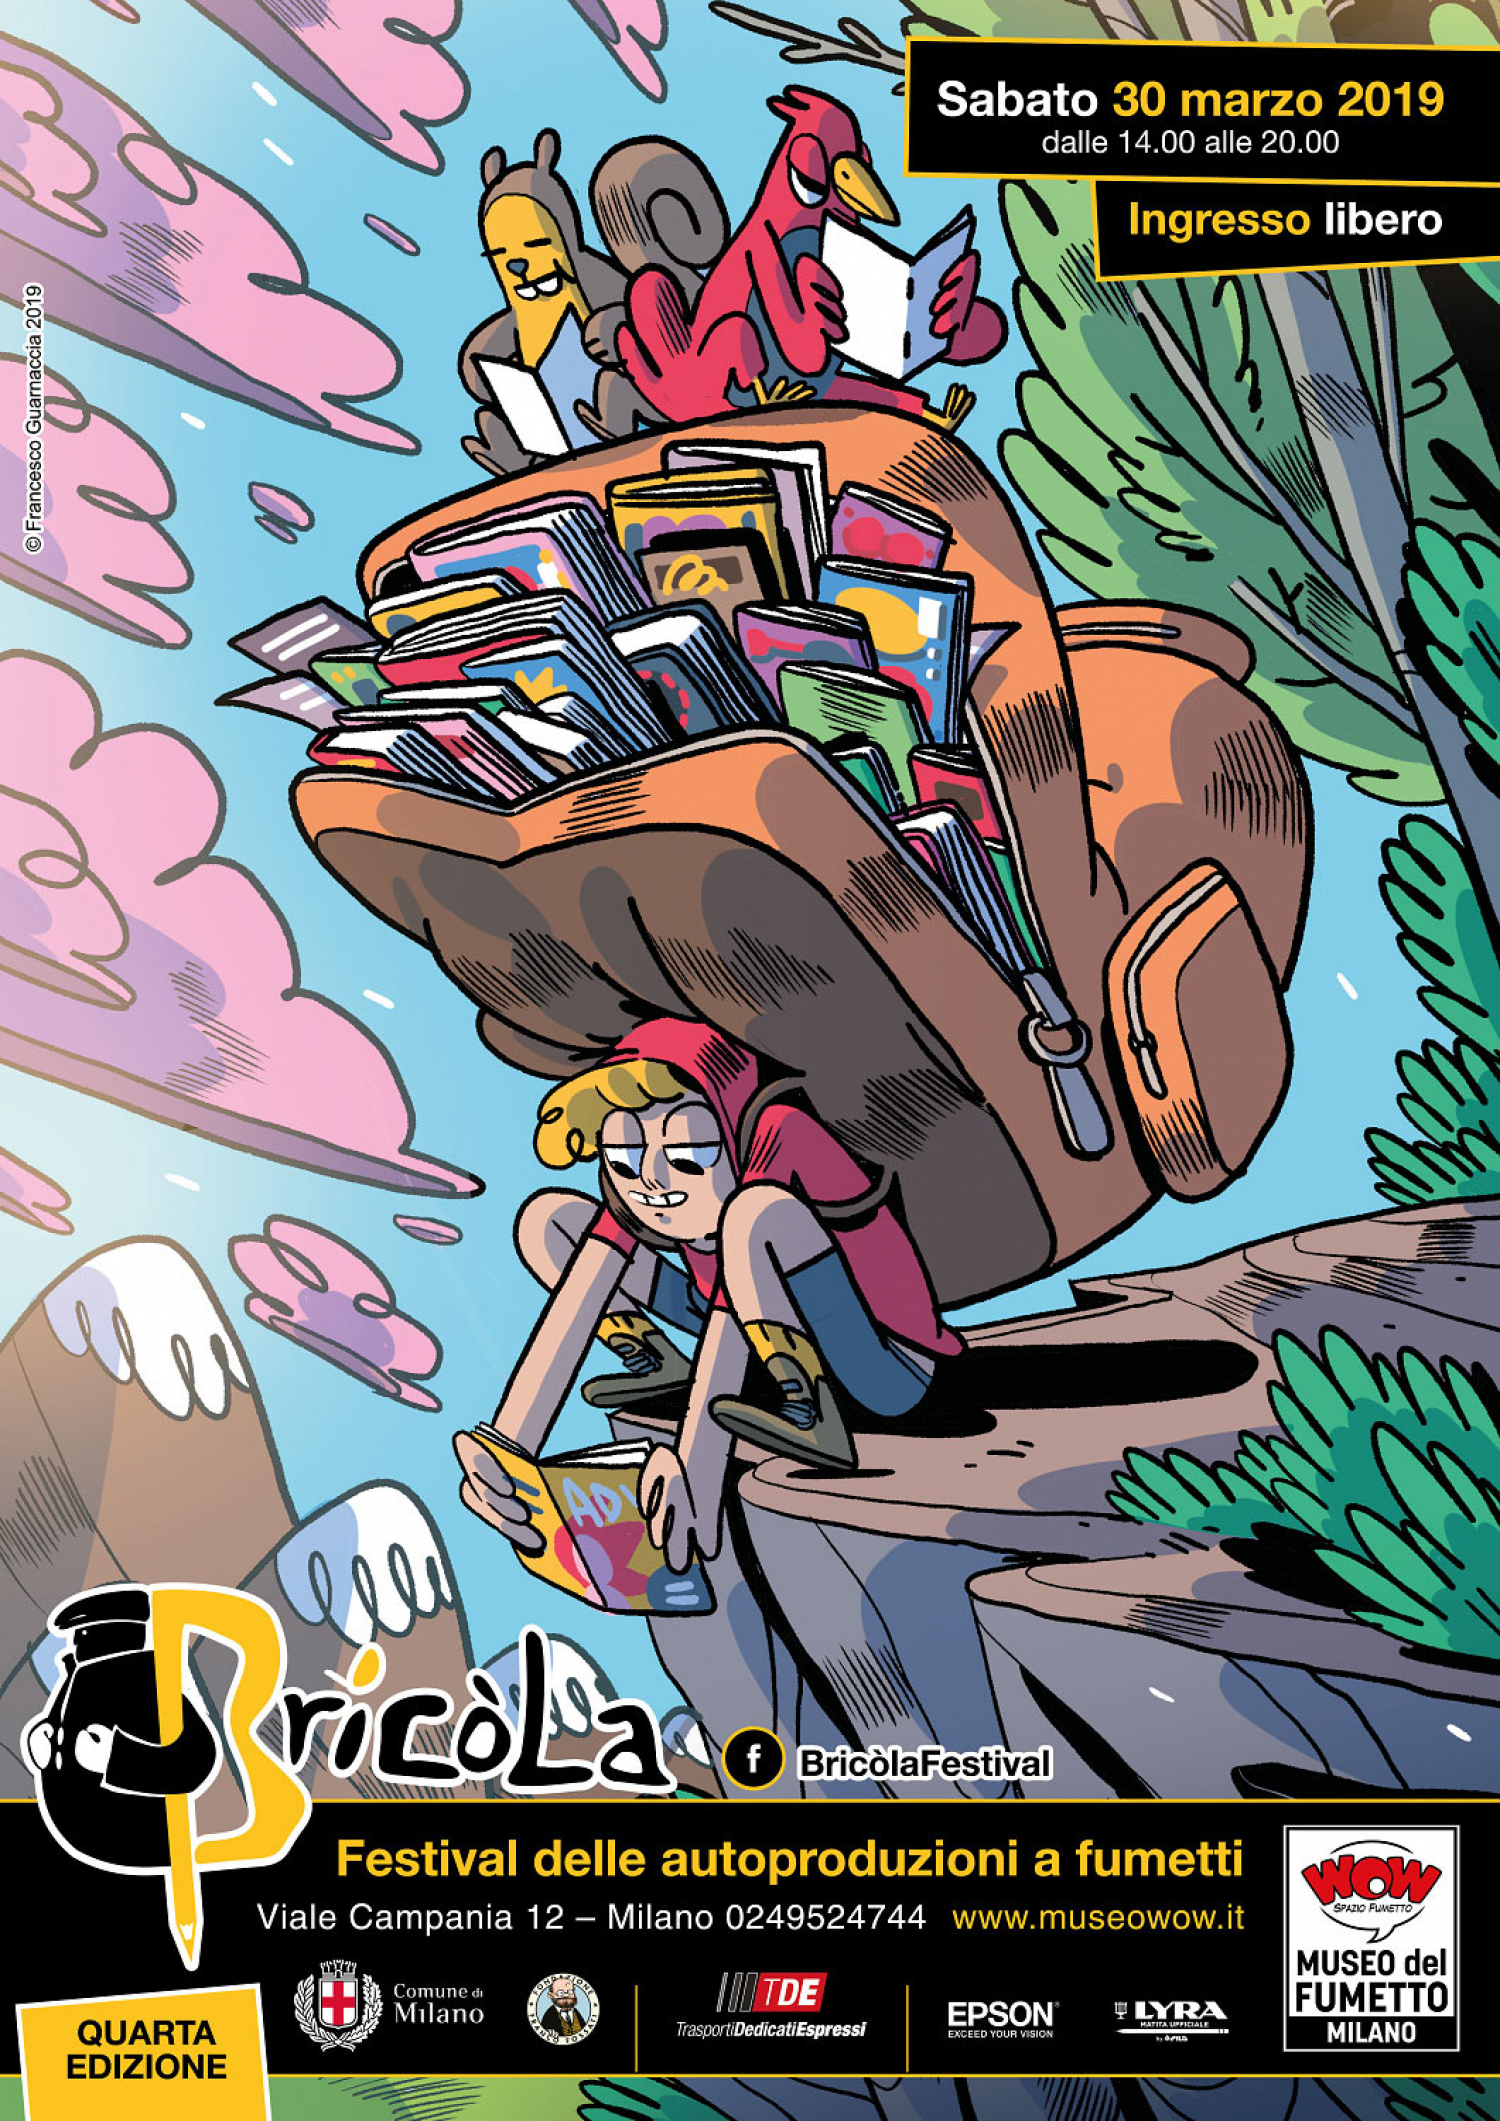 """<p><strong>Sabato&nbsp;30 marzo WOW Spazio Fumetto, il Museo del Fumetto di Milano, apre di nuovo le porte al mondo del fumetto indipendente e autoprodotto organizzando un festival dedicato a chi, non contento di leggere soltanto i fumetti, se li disegna e pubblica da solo.</strong> Si chiamava&nbsp;<strong>Bric&ograve;la</strong>&nbsp;la borsa usata in passato dai contrabbandieri lombardi nell&rsquo;attraversamento di Alpi e laghi, per portare dalla Svizzera quelle merci che in Italia non si potevano trovare. Bricola &egrave; anche il nome del festival milanese dedicato alle&nbsp;<strong>autoproduzioni a fumetti</strong>, che servir&agrave; a portare al&nbsp;pubblico che frequenta WOW Spazio Fumetto quelle produzioni originali che non &egrave; facile incontrare altrove. <strong>Dopo le scorse edizioni, torna sabato&nbsp;30 marzo</strong>&nbsp;il festival con cui WOW Spazio Fumetto vuole portare l&rsquo;attenzione sulla produzione pi&ugrave; originale e vivace che abbia visto luce negli ultimi anni, concentrandosi sull&rsquo;Italia e in particolare sulla nostra citt&agrave;, Milano. L&#39;illustrazione della&nbsp;<strong>locandina</strong>&nbsp;di quest&#39;anno &egrave; stata realizzata appositamente per il festival da <a target=""""_blank"""" href=""""https://baopublishing.it/autori/francesco-guarnaccia/""""><strong>Francesco Guarnaccia</strong></a>&nbsp;dell&#39;<a target=""""_blank"""" href=""""https://www.mammaiuto.it/""""><strong>Associazione Culturale Mammaiuto</strong></a>. <strong>Dalle 14:00&nbsp;le autoproduzioni invaderanno il piano terra del museo del fumetto</strong>.&nbsp;<strong>L&rsquo;ingresso sar&agrave; libero</strong>&nbsp;per tutti i visitatori, che potranno trovare stand di vendita e disegno degli autori e dei collettivi di autoproduzione. <strong>Saranno presenti durante tutto il pomeriggio <a target=""""_blank"""" href=""""https://www.facebook.com/AutoproduzioniFichissimeAnderground/"""">AFA Autoproduzioni Fichissime Anderground</a>,&nbsp;<a target=""""_blank"""" href=""""http://attacc"""